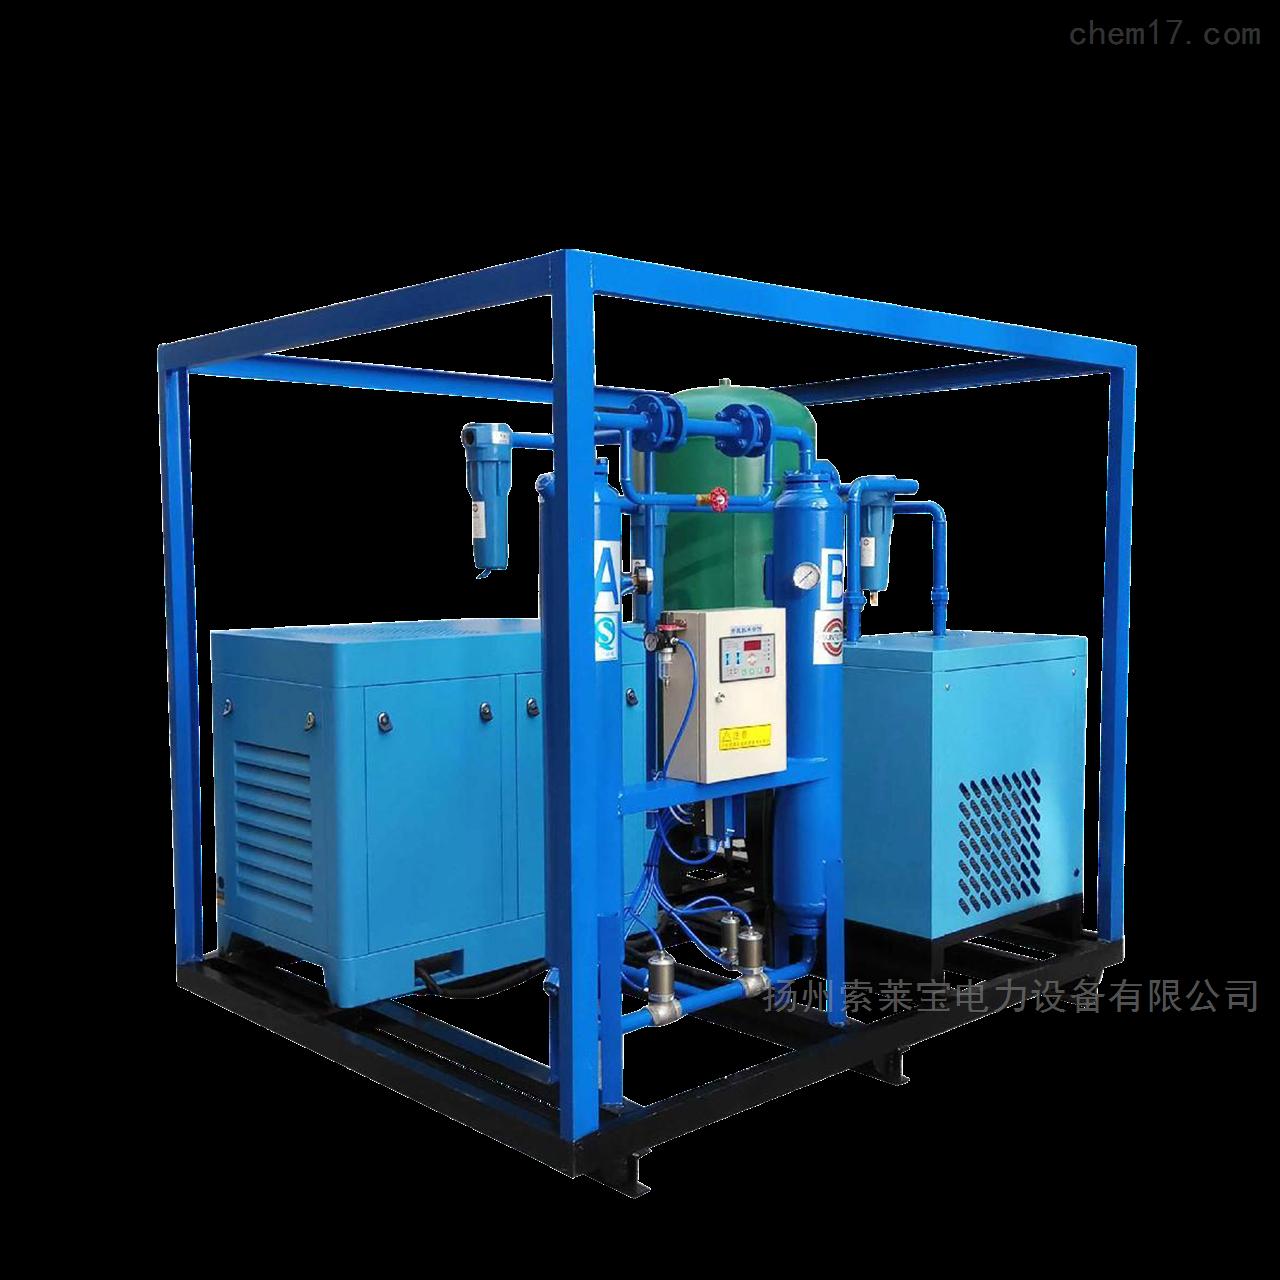 静音干燥发生器一级承装承修承试